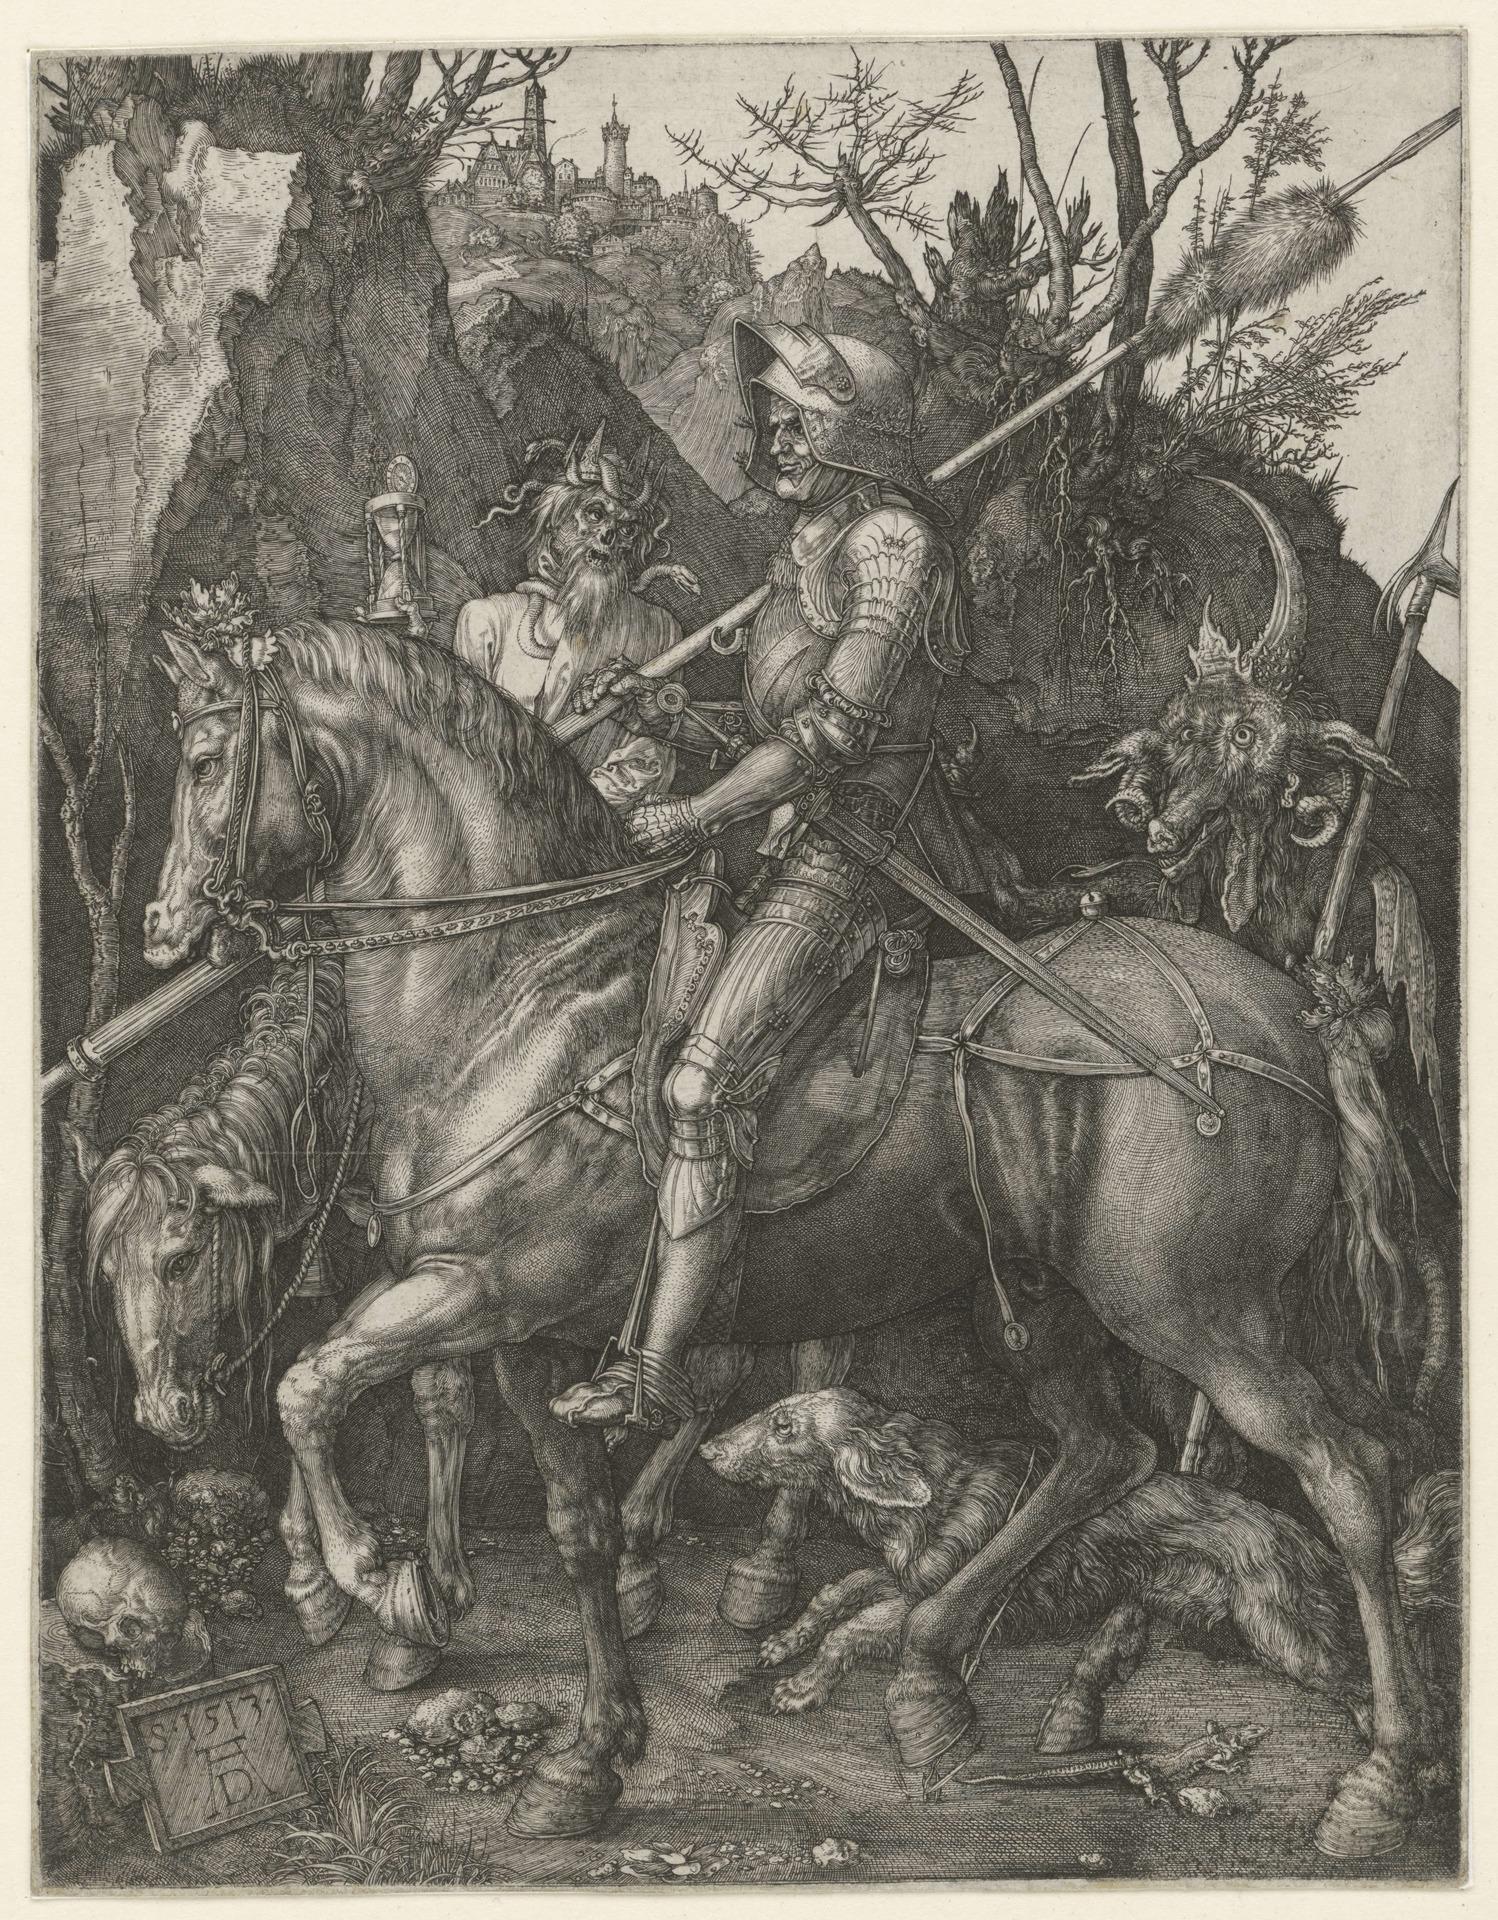 Ritter_Tod_und_Teufel_Dürer_Ritter_Tod_Teufel_1046688.jpg